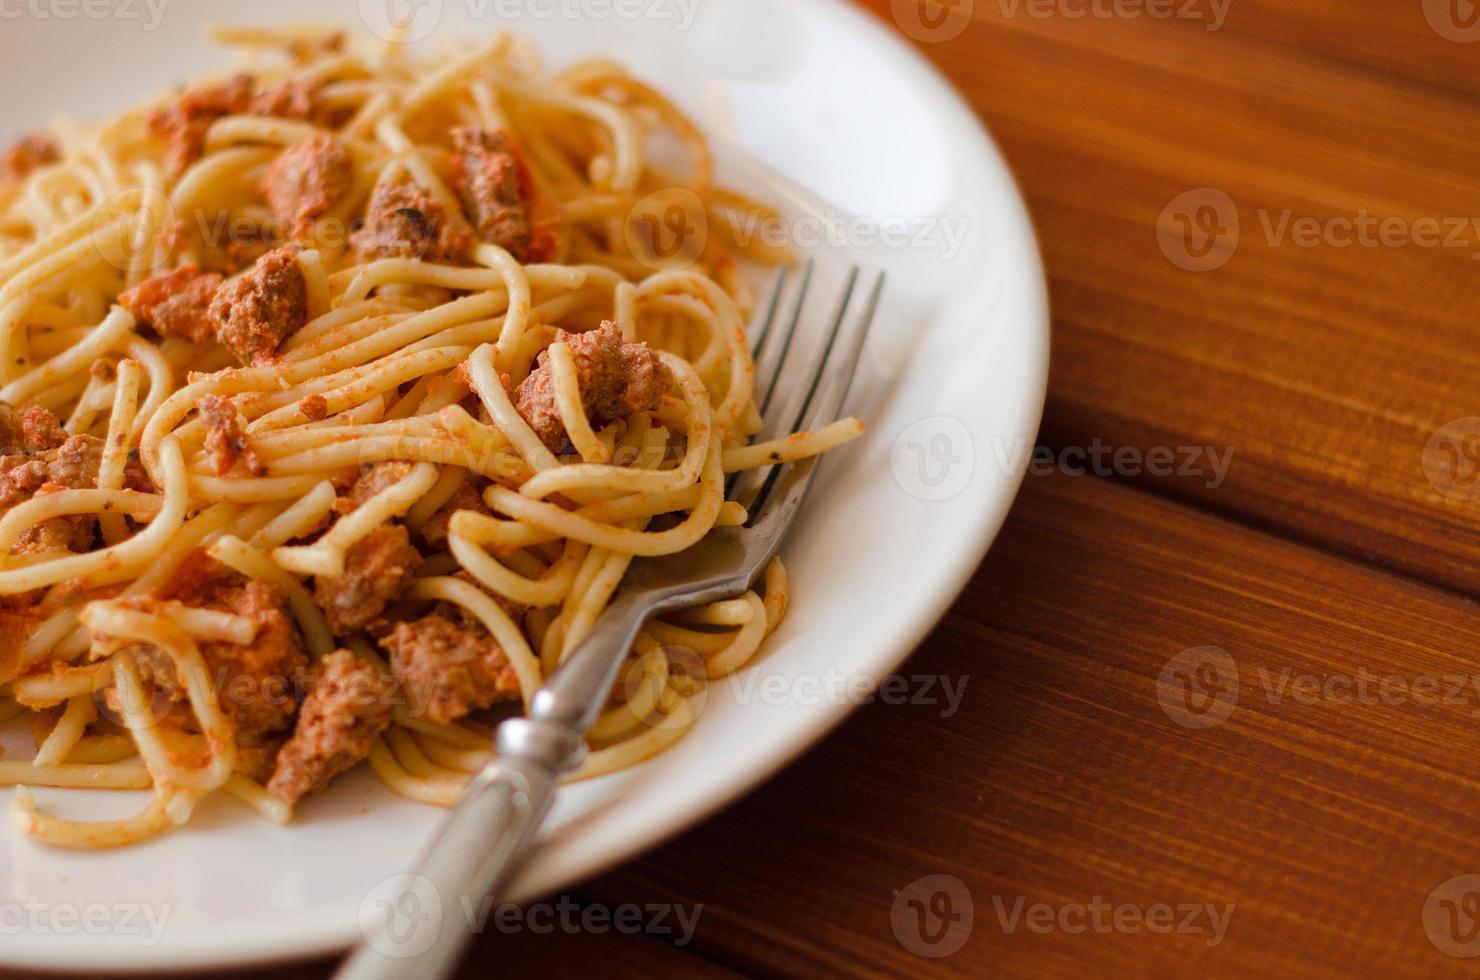 espagueti con salsa en un plato blanco foto